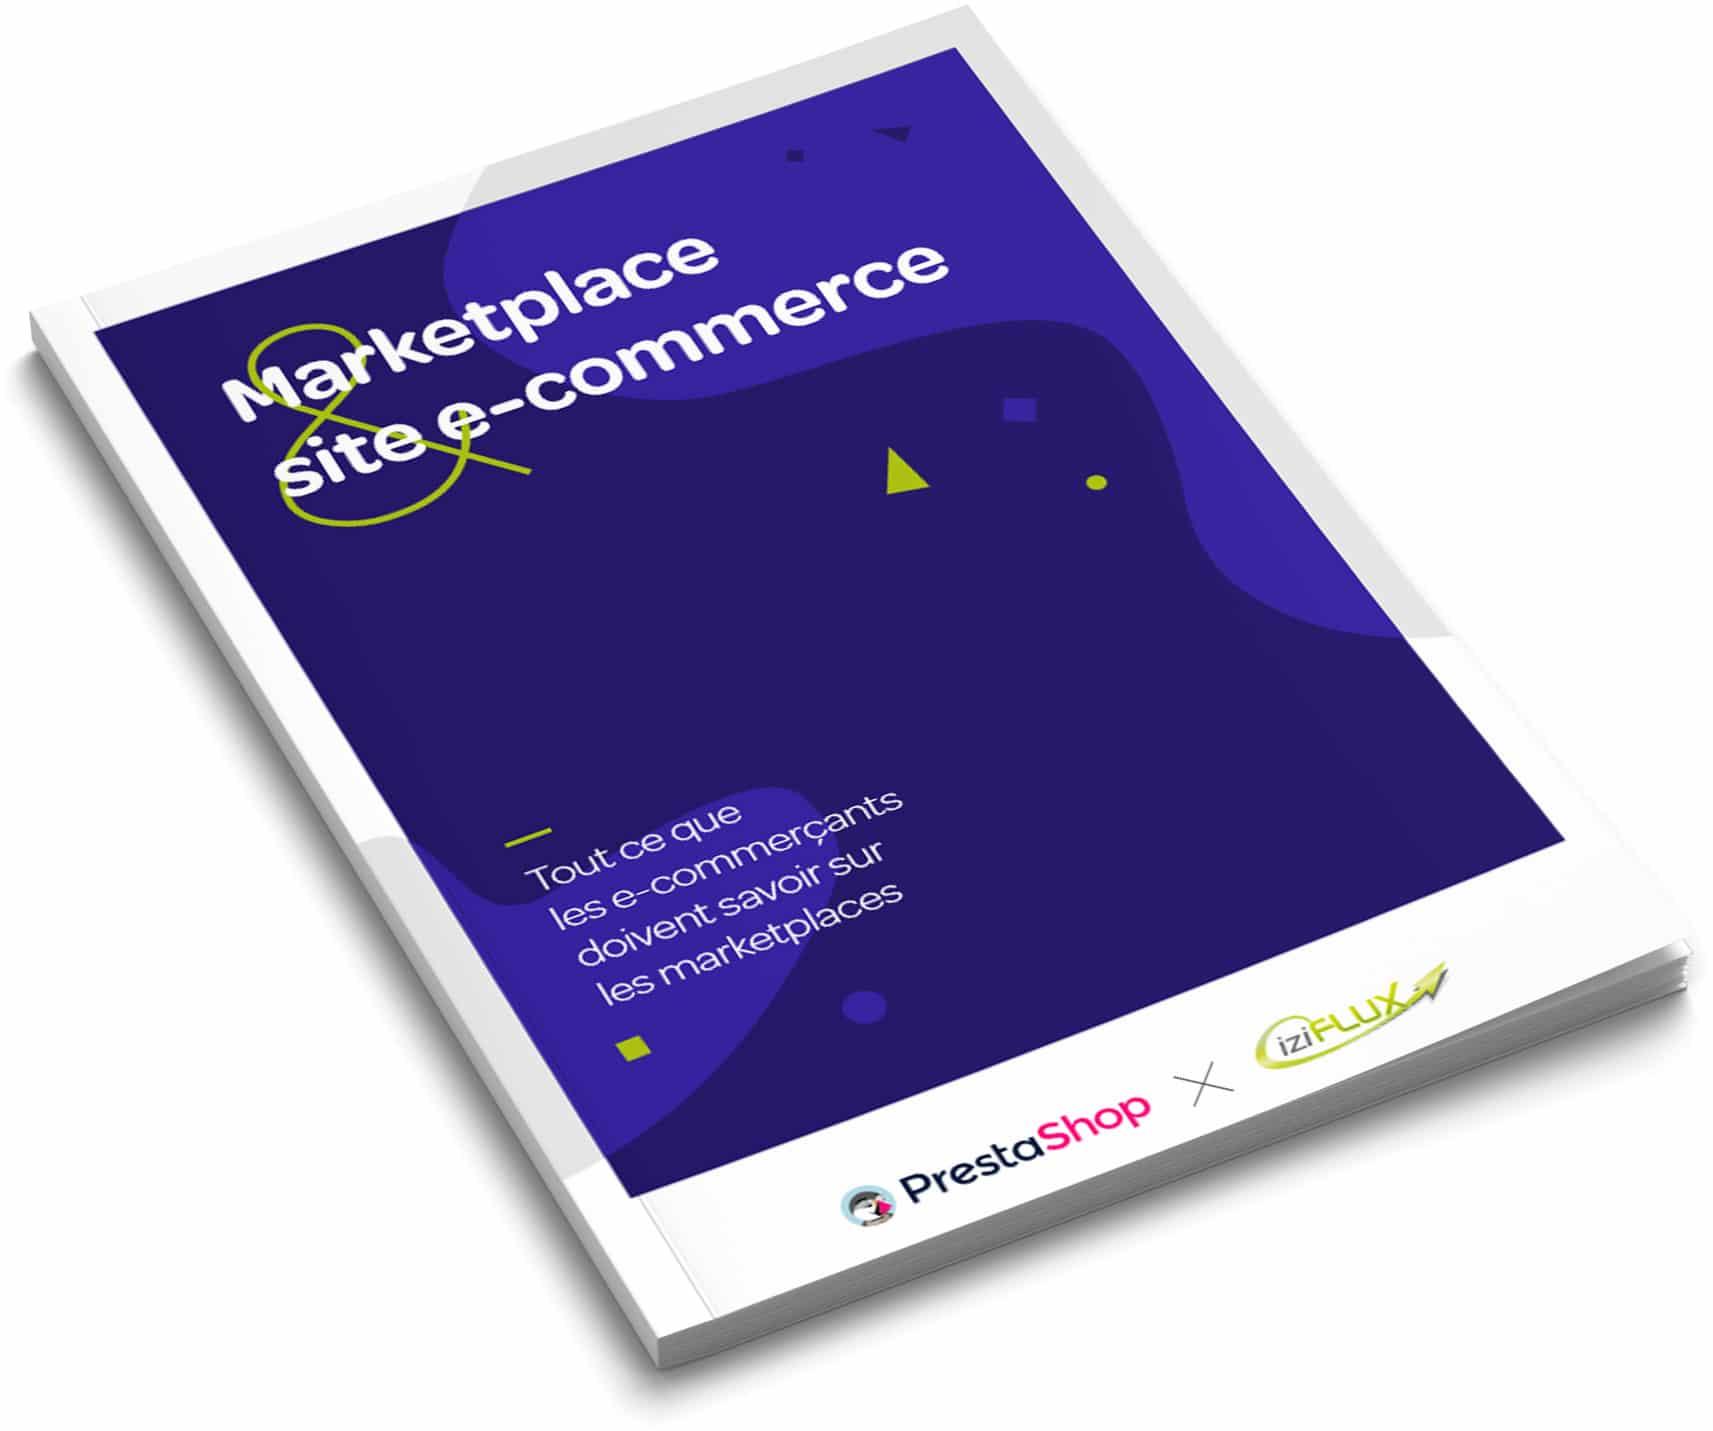 le livre blanc e-commercant & marketplace